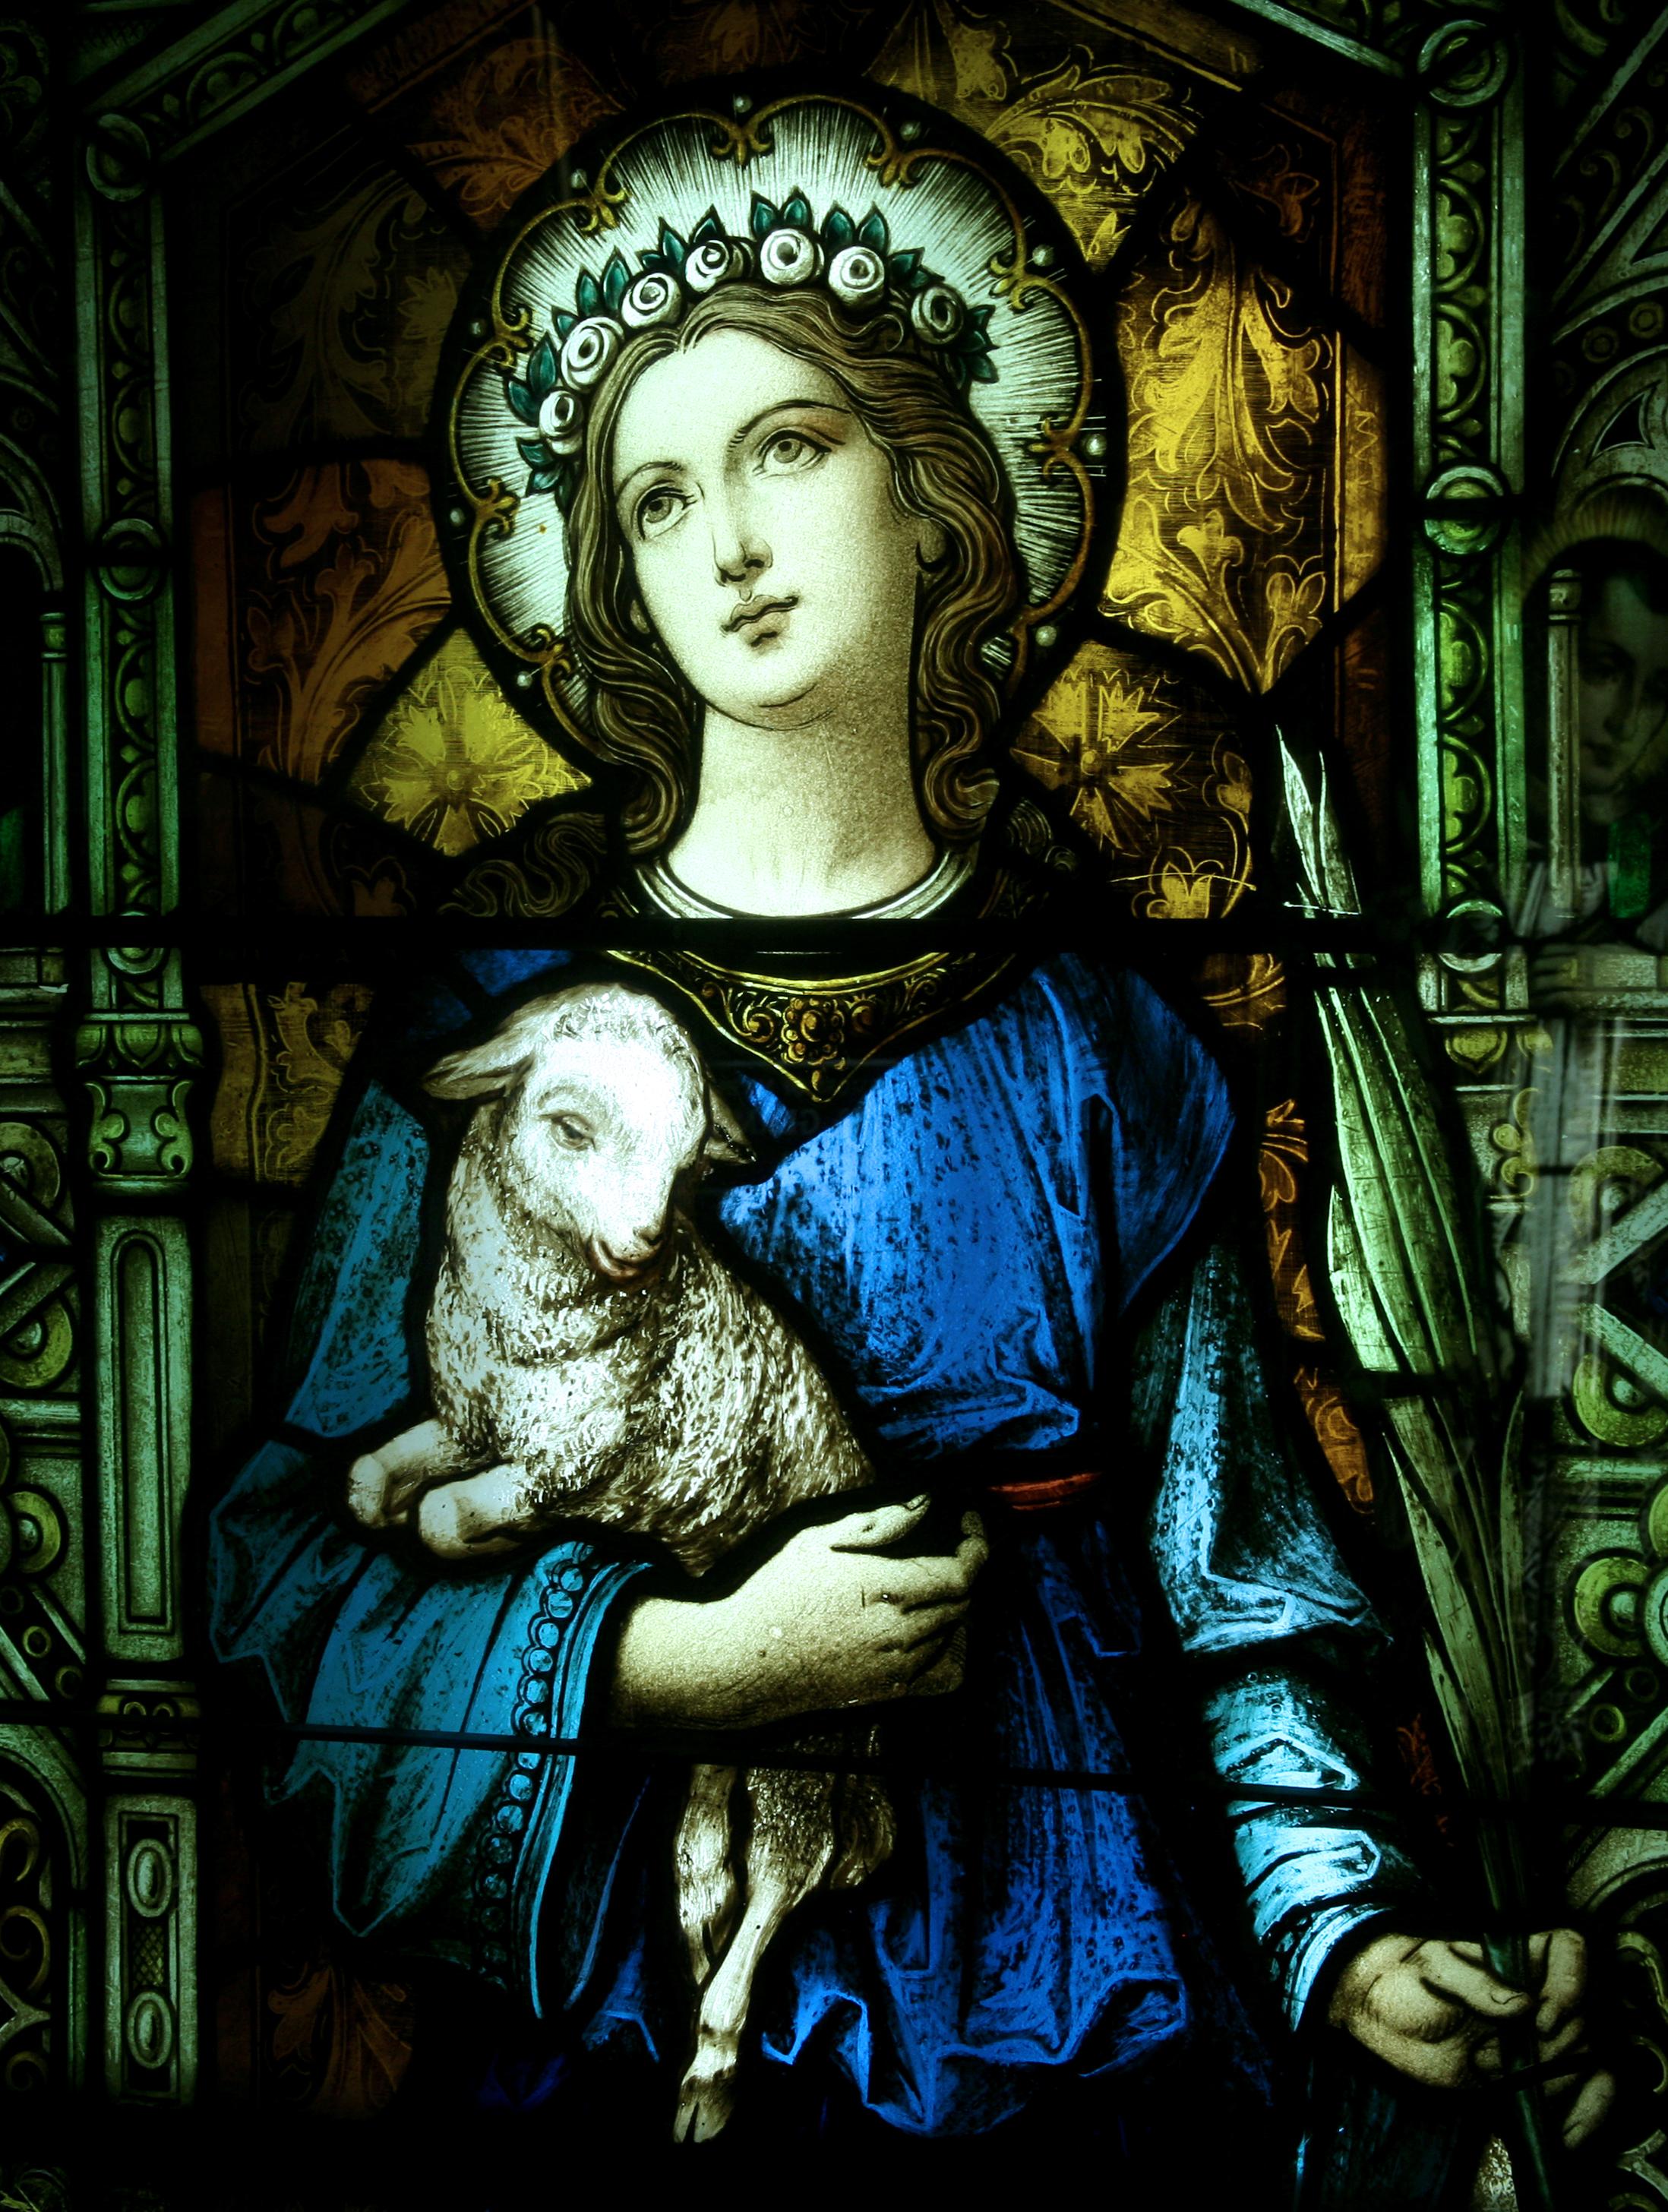 Ngày 21/01: Thánh Agnès (Inê) - Trinh nữ, tử đạo